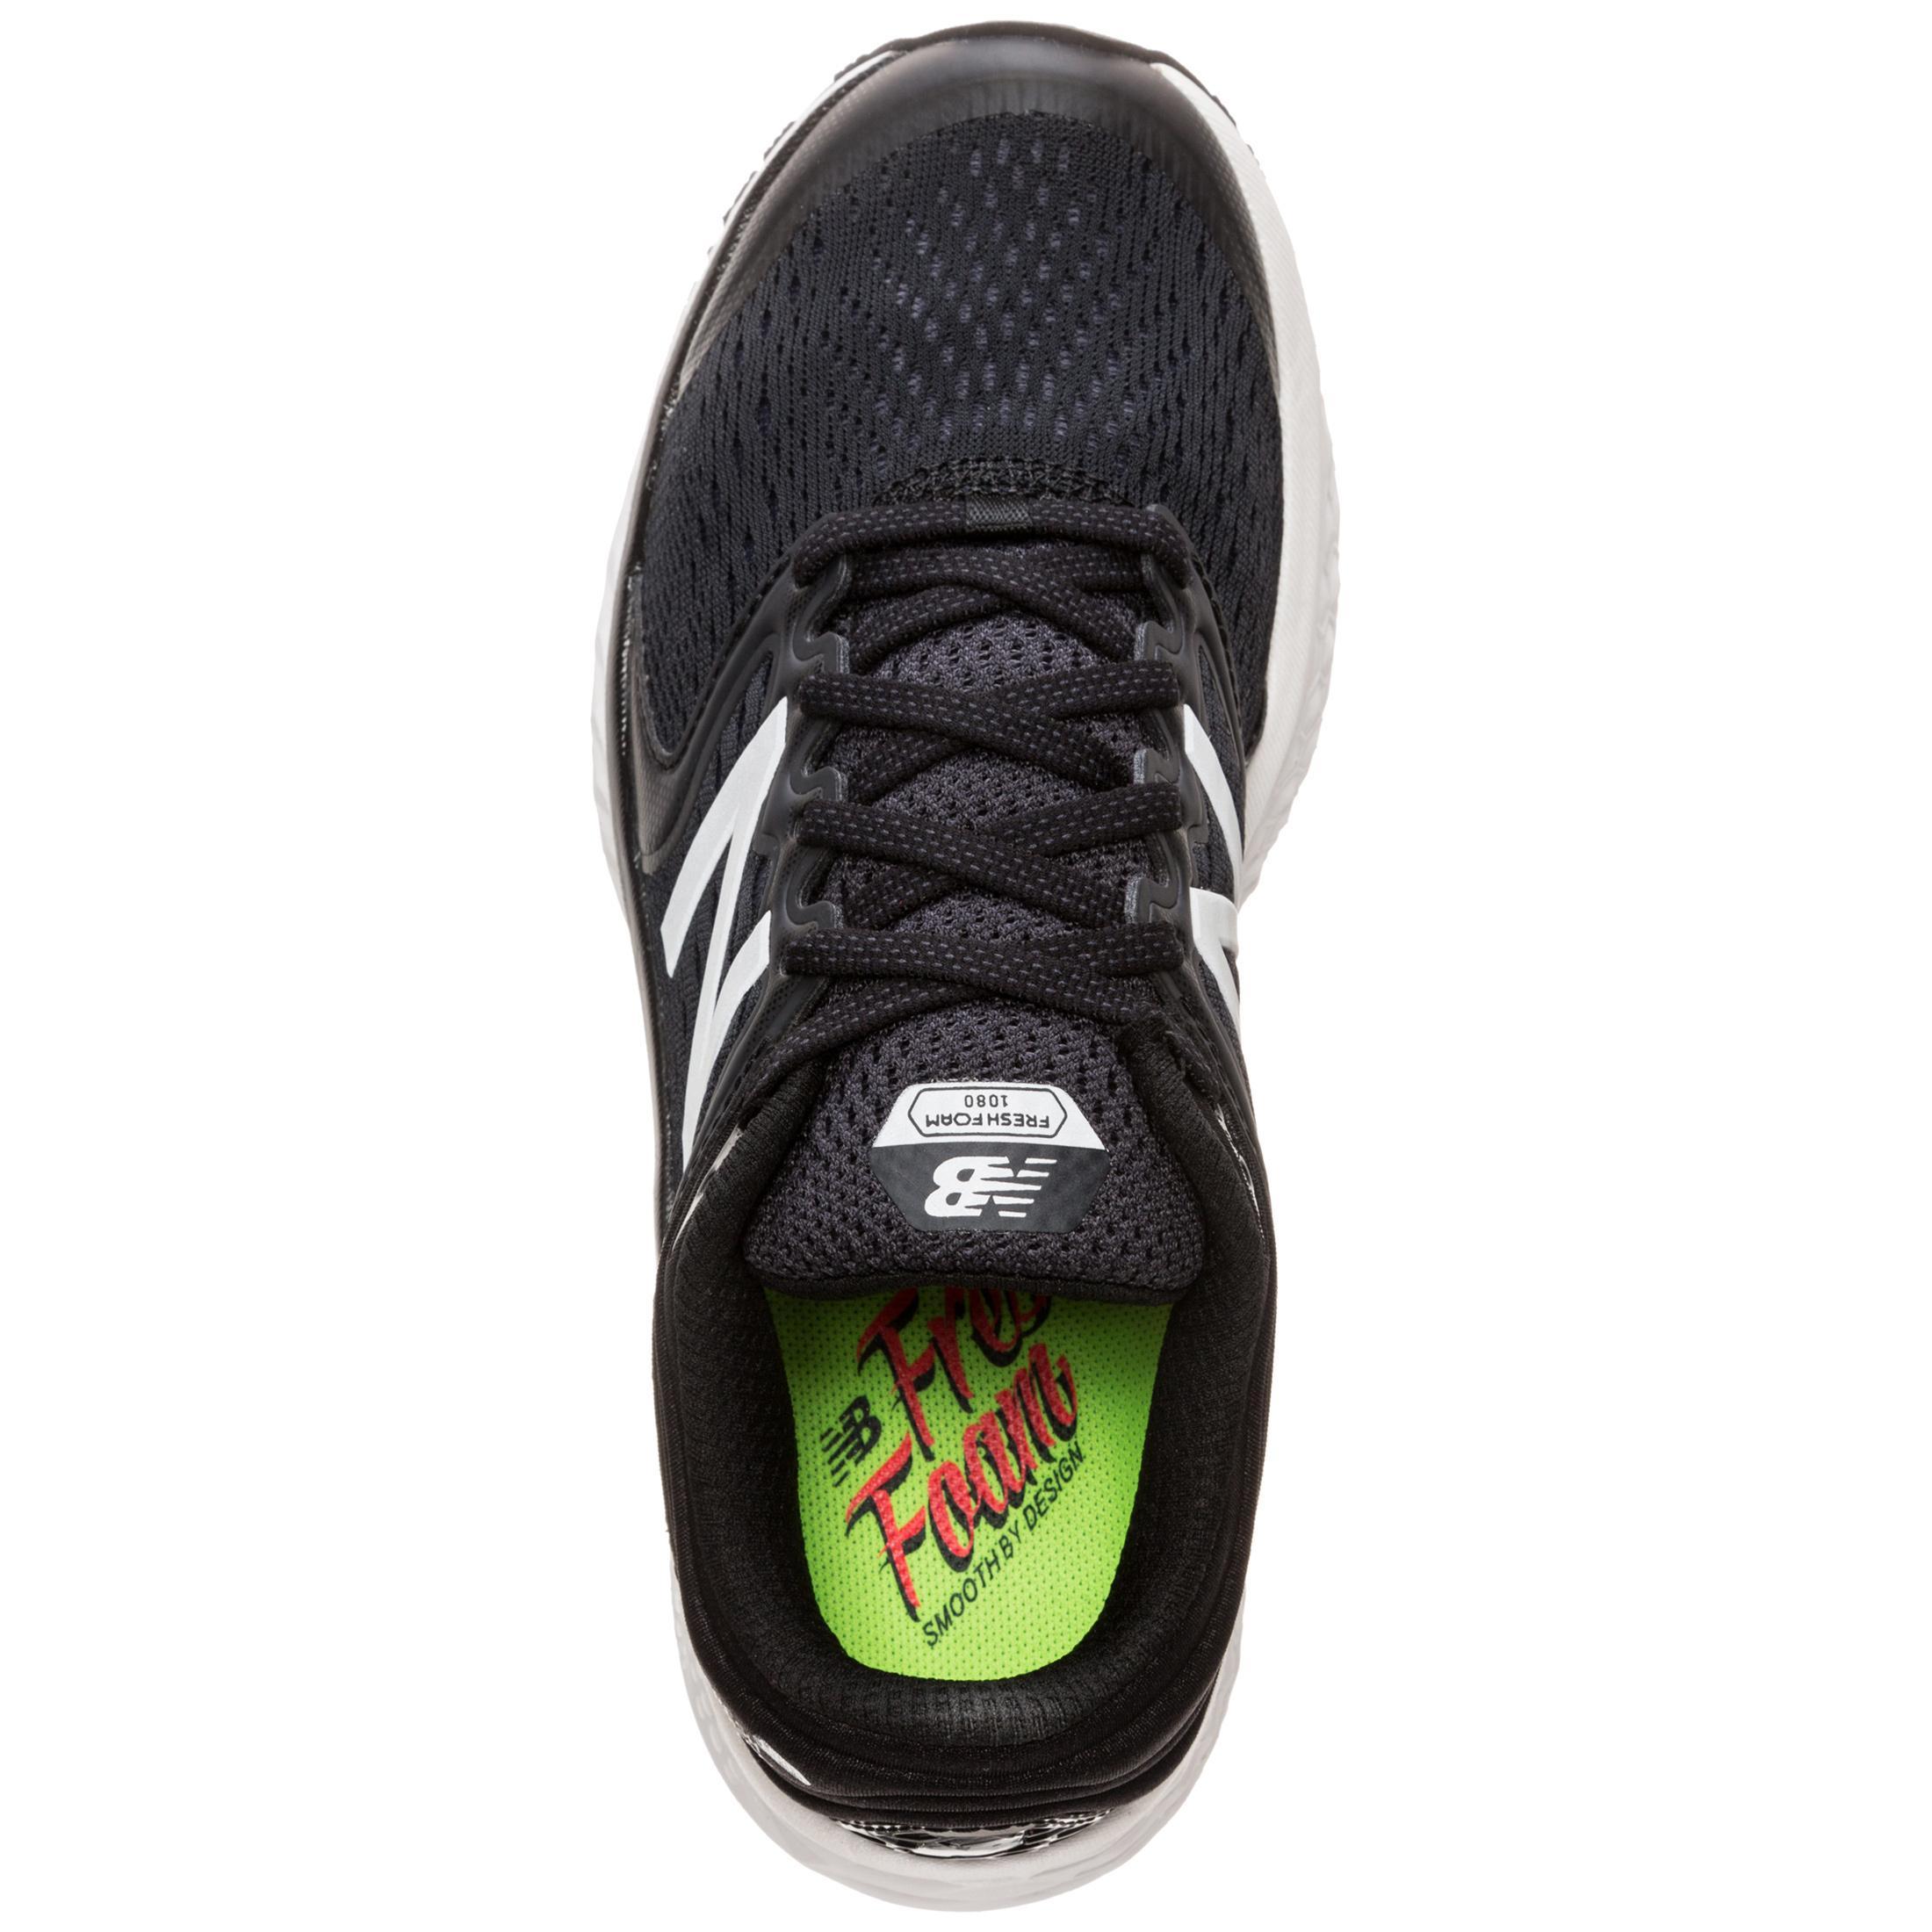 NEW BALANCE FreshFoam 1080v8 Laufschuhe Damen Damen Damen schwarz   weiß im Online Shop von SportScheck kaufen Gute Qualität beliebte Schuhe 8f6b87